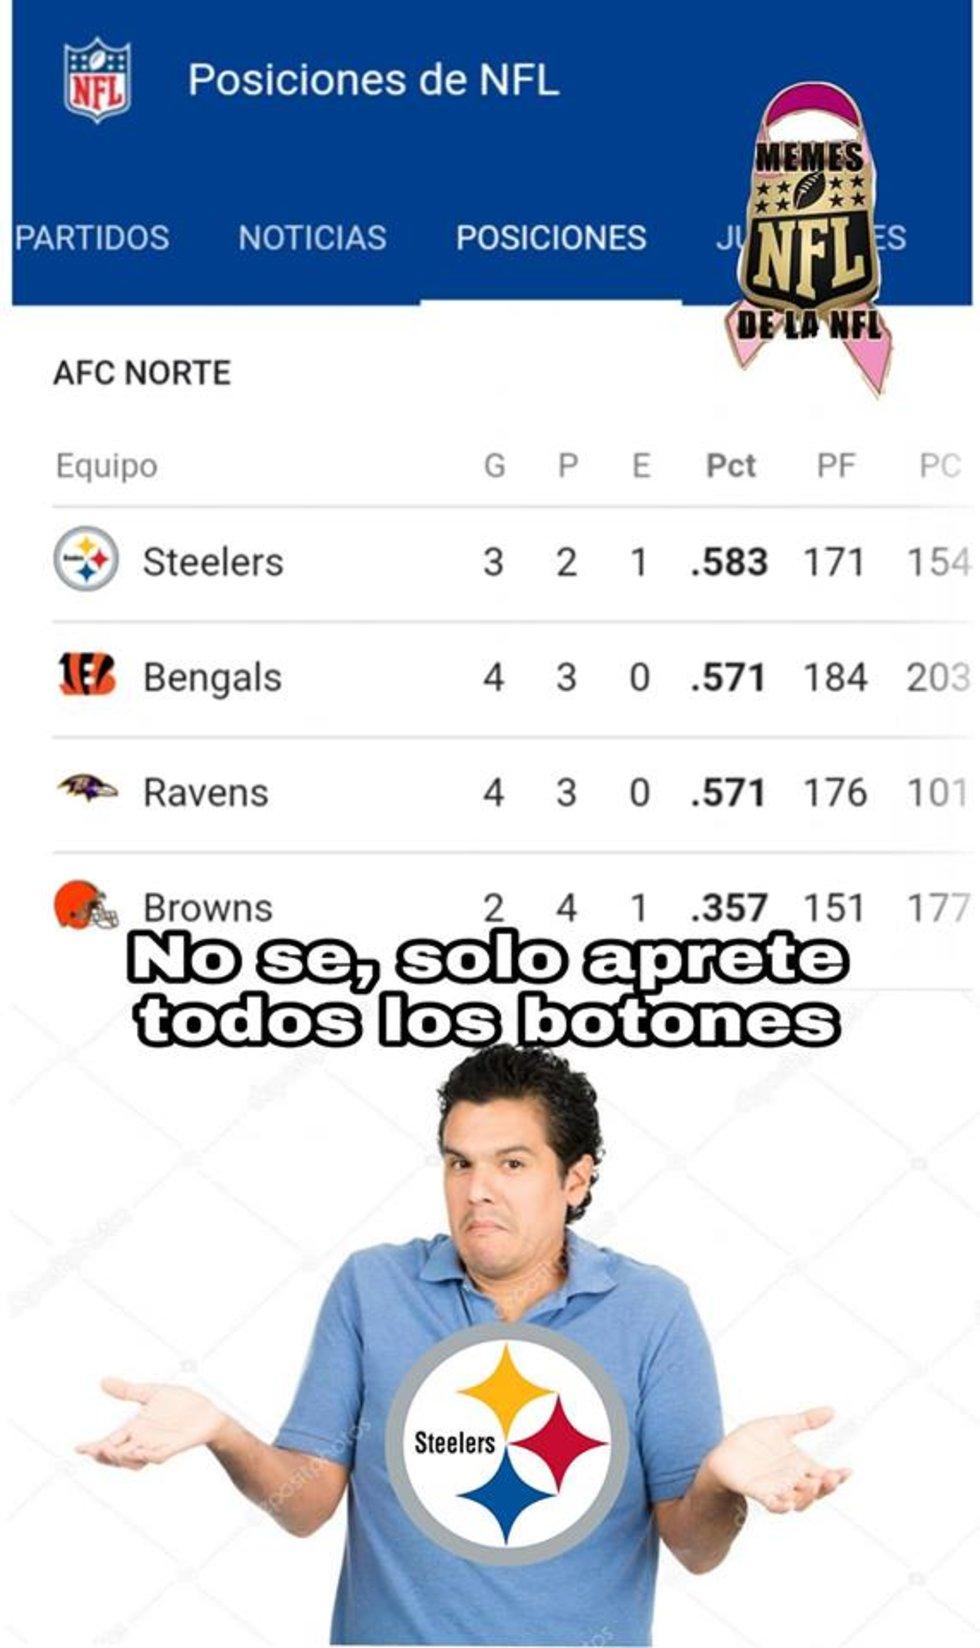 Memes de la NFL en la semana 7